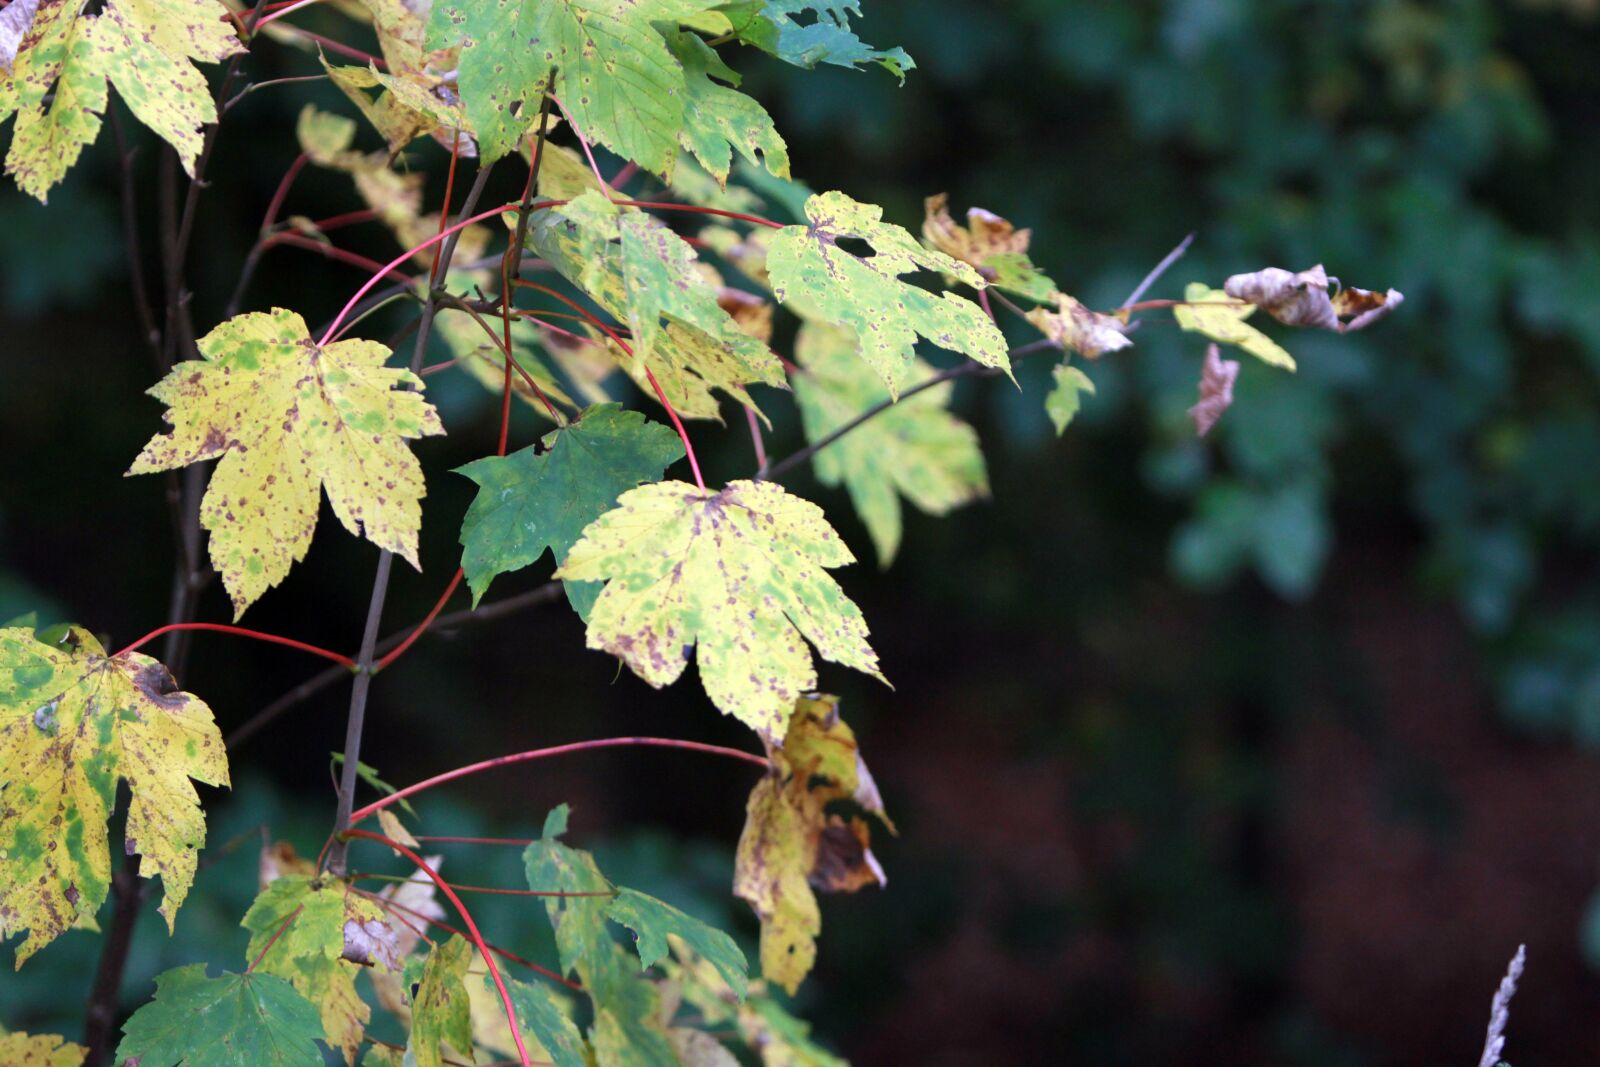 Canon EOS 60D sample photo